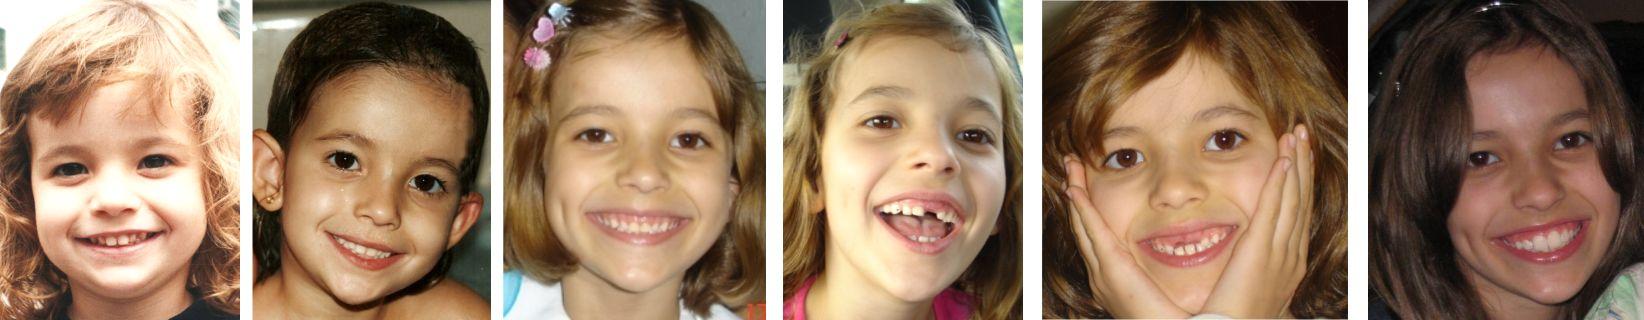 Evolução adequada da dentição